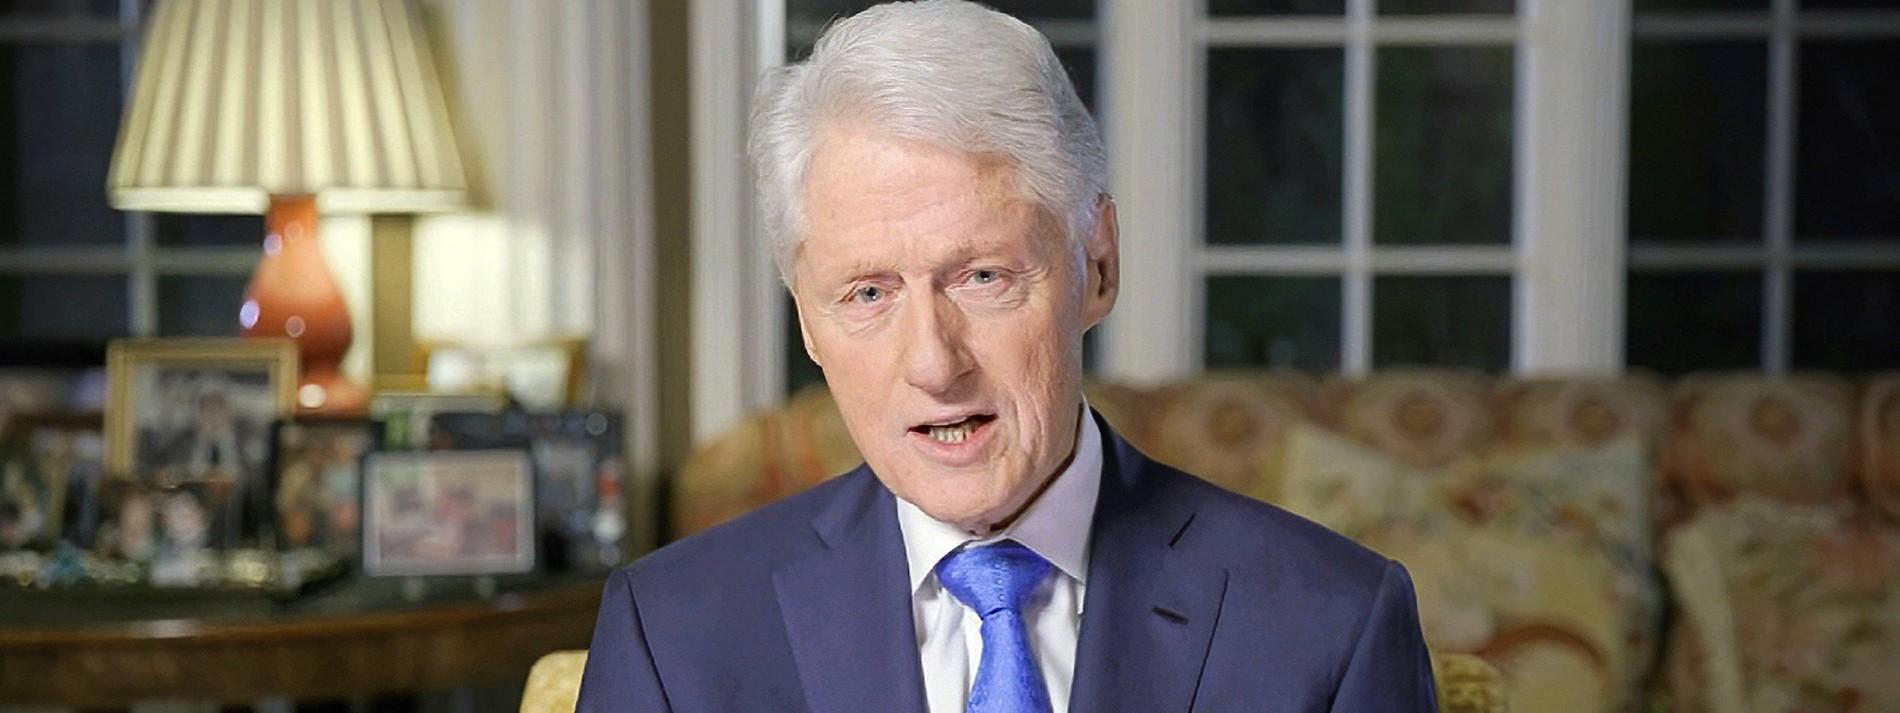 Bilder von Bill Clinton mit Epstein-Opfer aufgetaucht